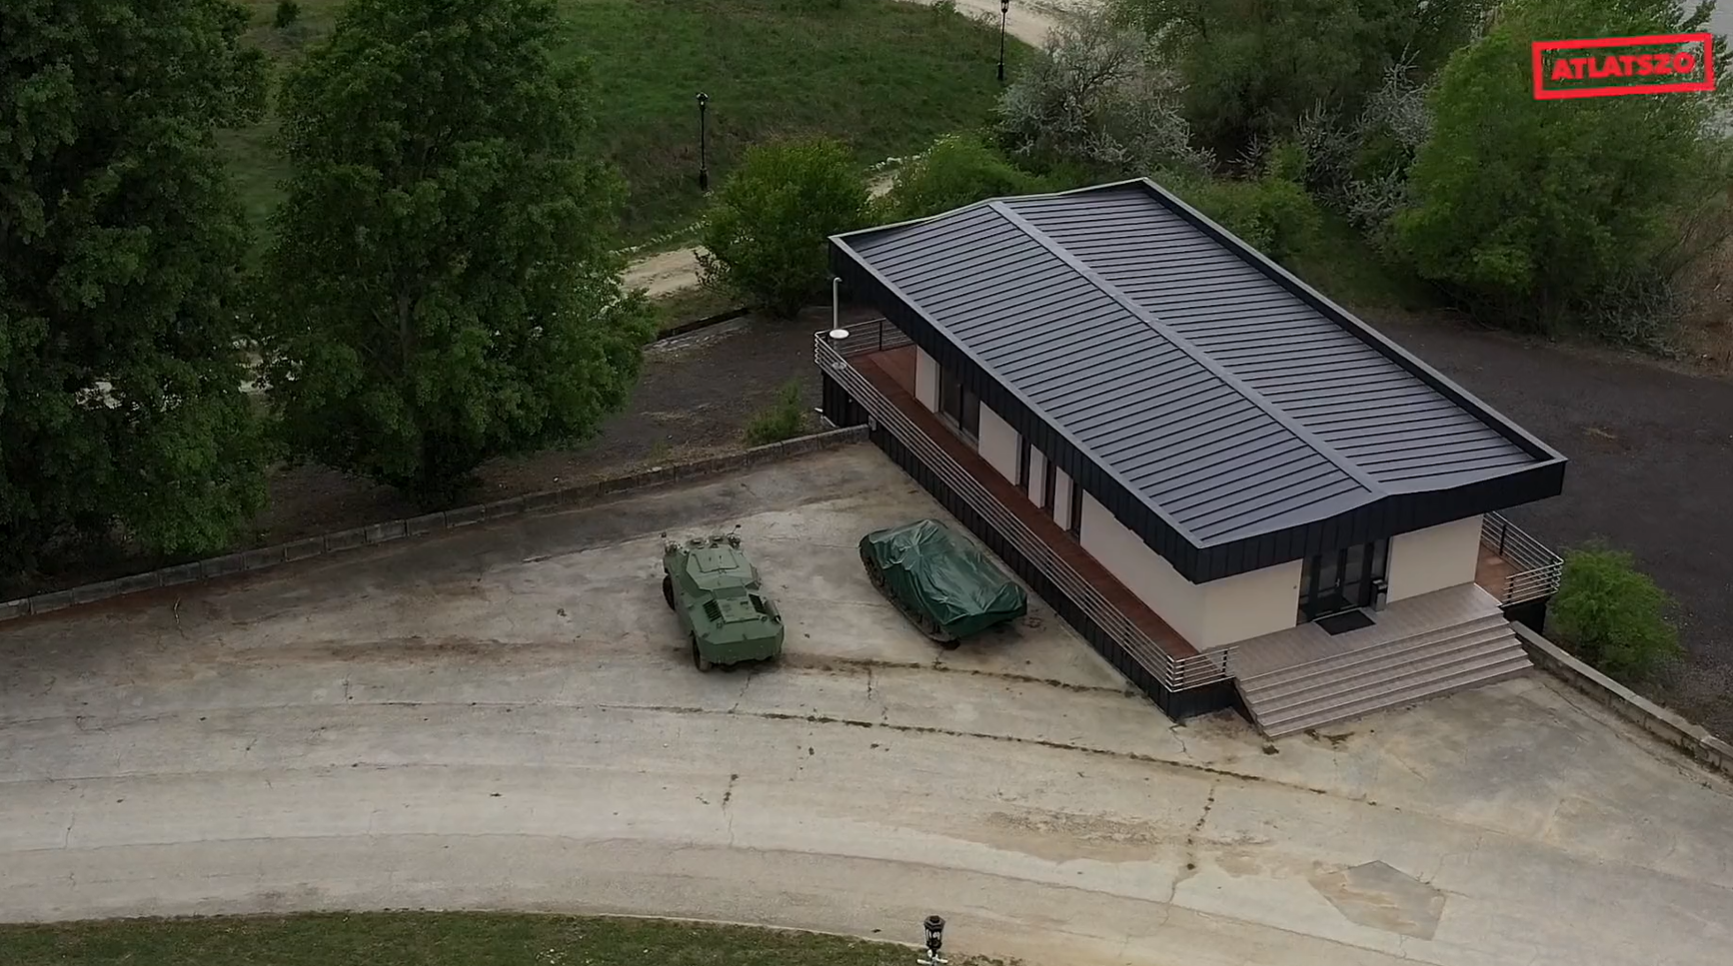 Tiltott adatszerzés gyanúja miatt nyomoz a rendőrség, miután az Átlátszó drónnal repült be Mészáros Lőrinc bicskei birtoka fölé